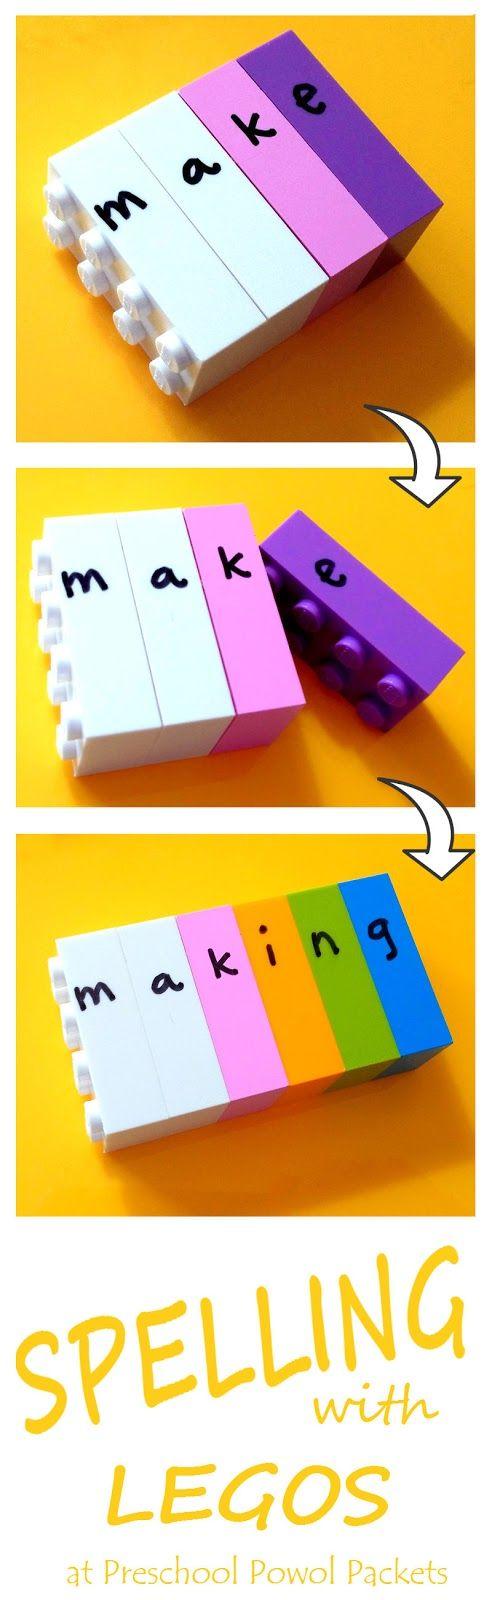 http://preschoolpowolpackets.blogspot.de/2016/01/spelling-with-legos.html: Buchstaben buchstabieren Wörter legen mit Lego Bausteinen, Legosteine, Legosteinen, schreiben, Deutsch, Klasse 1